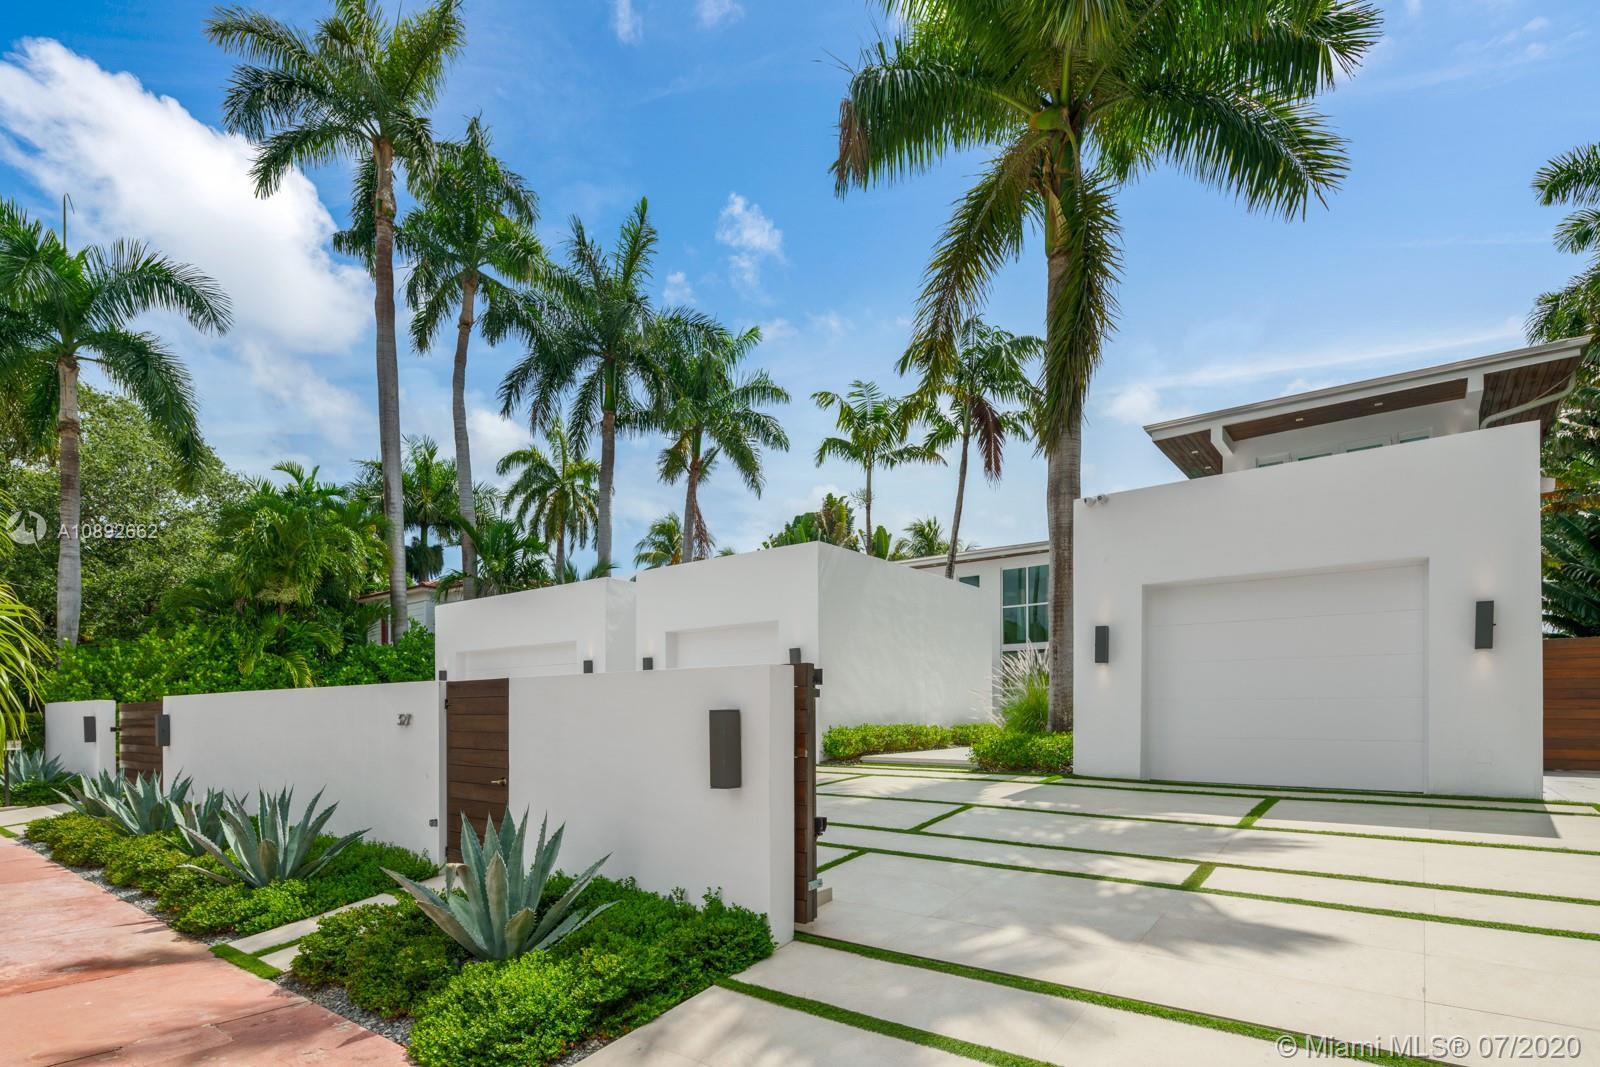 327 E Rivo Alto Dr Luxury Real Estate